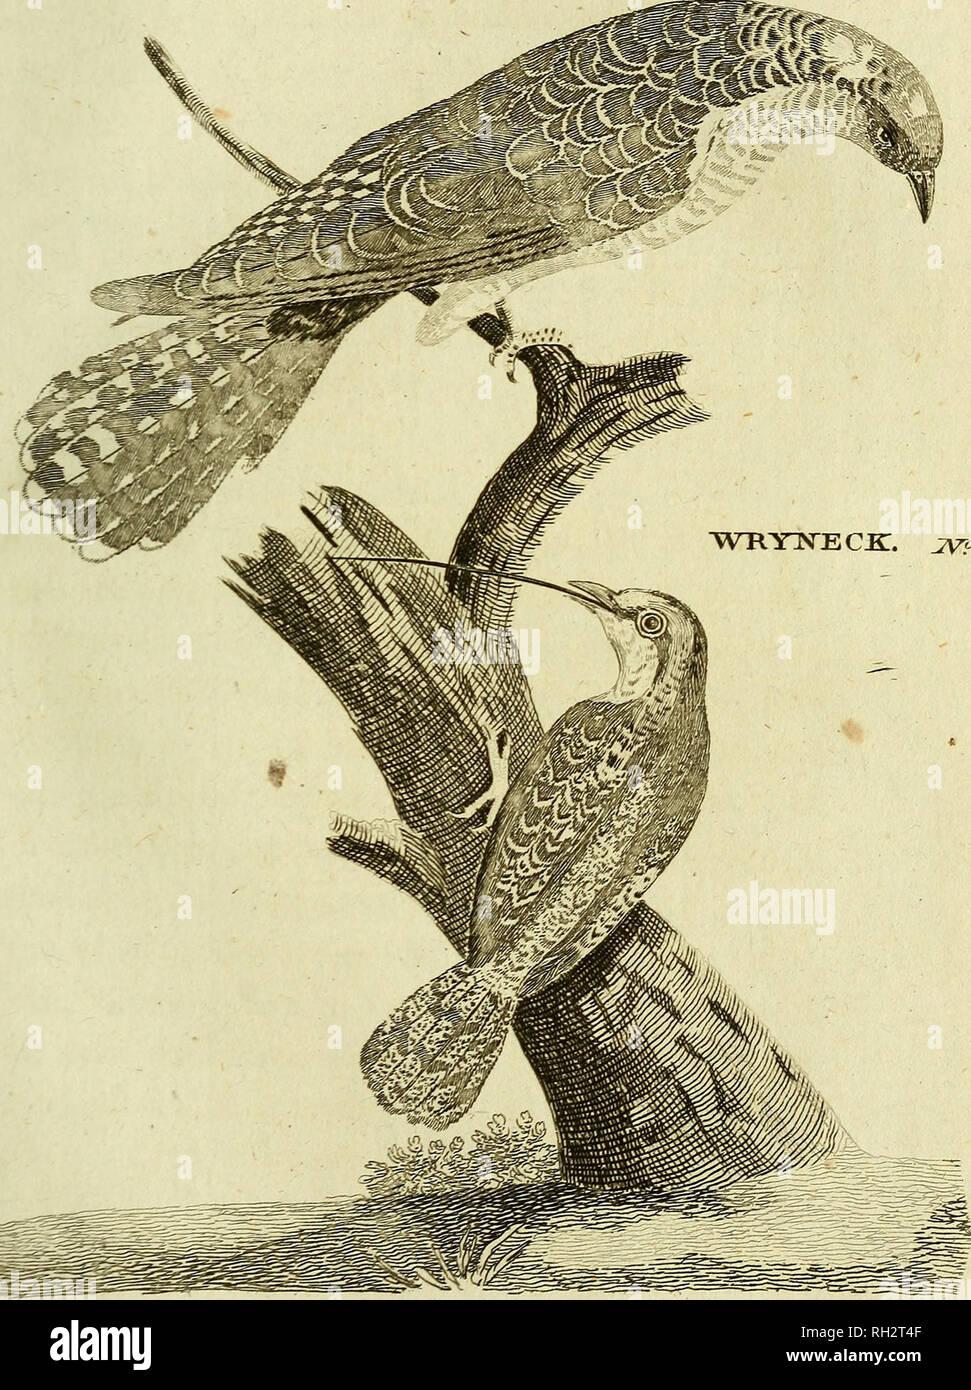 . British zoologia. Vertebrati; Zoologia. JXXXVI F. CUCULO JPP <?2. WRYISTS CJKT. 2VP <?3.. Si prega di notare che queste immagini vengono estratte dalla pagina sottoposta a scansione di immagini che possono essere state migliorate digitalmente per la leggibilità - Colorazione e aspetto di queste illustrazioni potrebbero non perfettamente assomigliano al lavoro originale. Pennant, Thomas, 1726-1798; Berry, S. Stillman (Samuel Stillman), 1887-1984, ex proprietario. DSI; Roper, Clyde F. E. , 1937- , donatore. DSI. Warrington : stampato da William Eyres, per Benjamin bianco . .. , Londra Immagini Stock